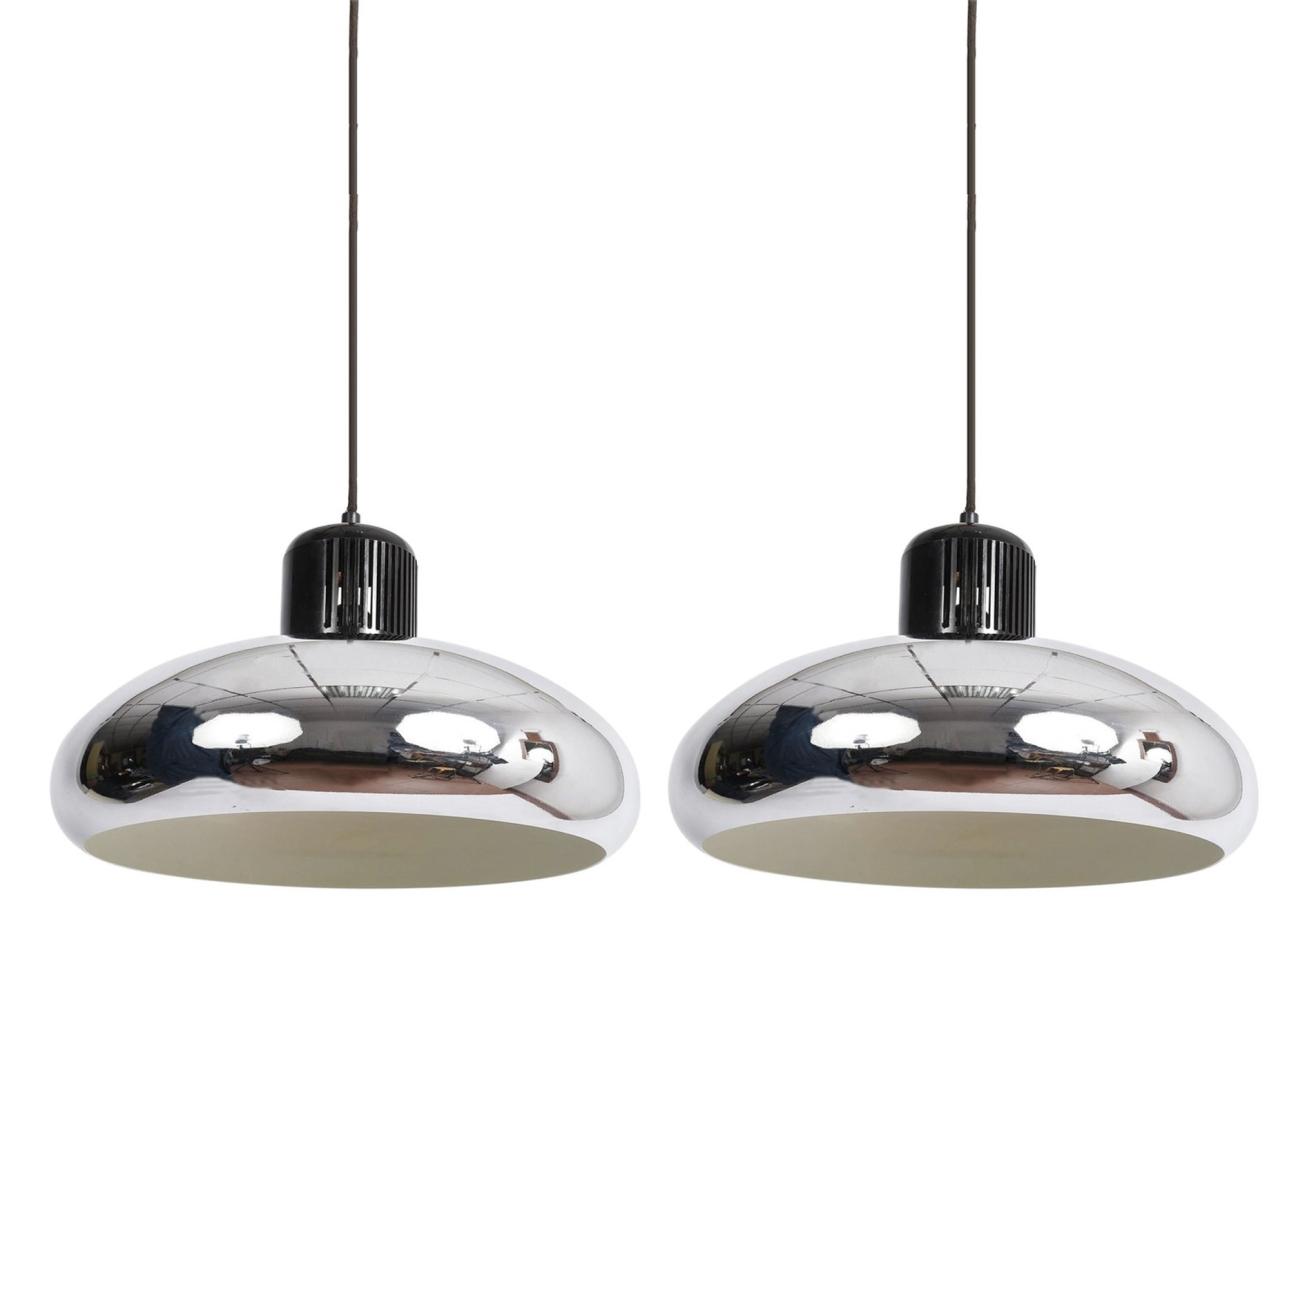 2 Coppia di lampade a sospensione Stilnovo Quarter Bell cromato, Italia anni '60 - Illuminazione